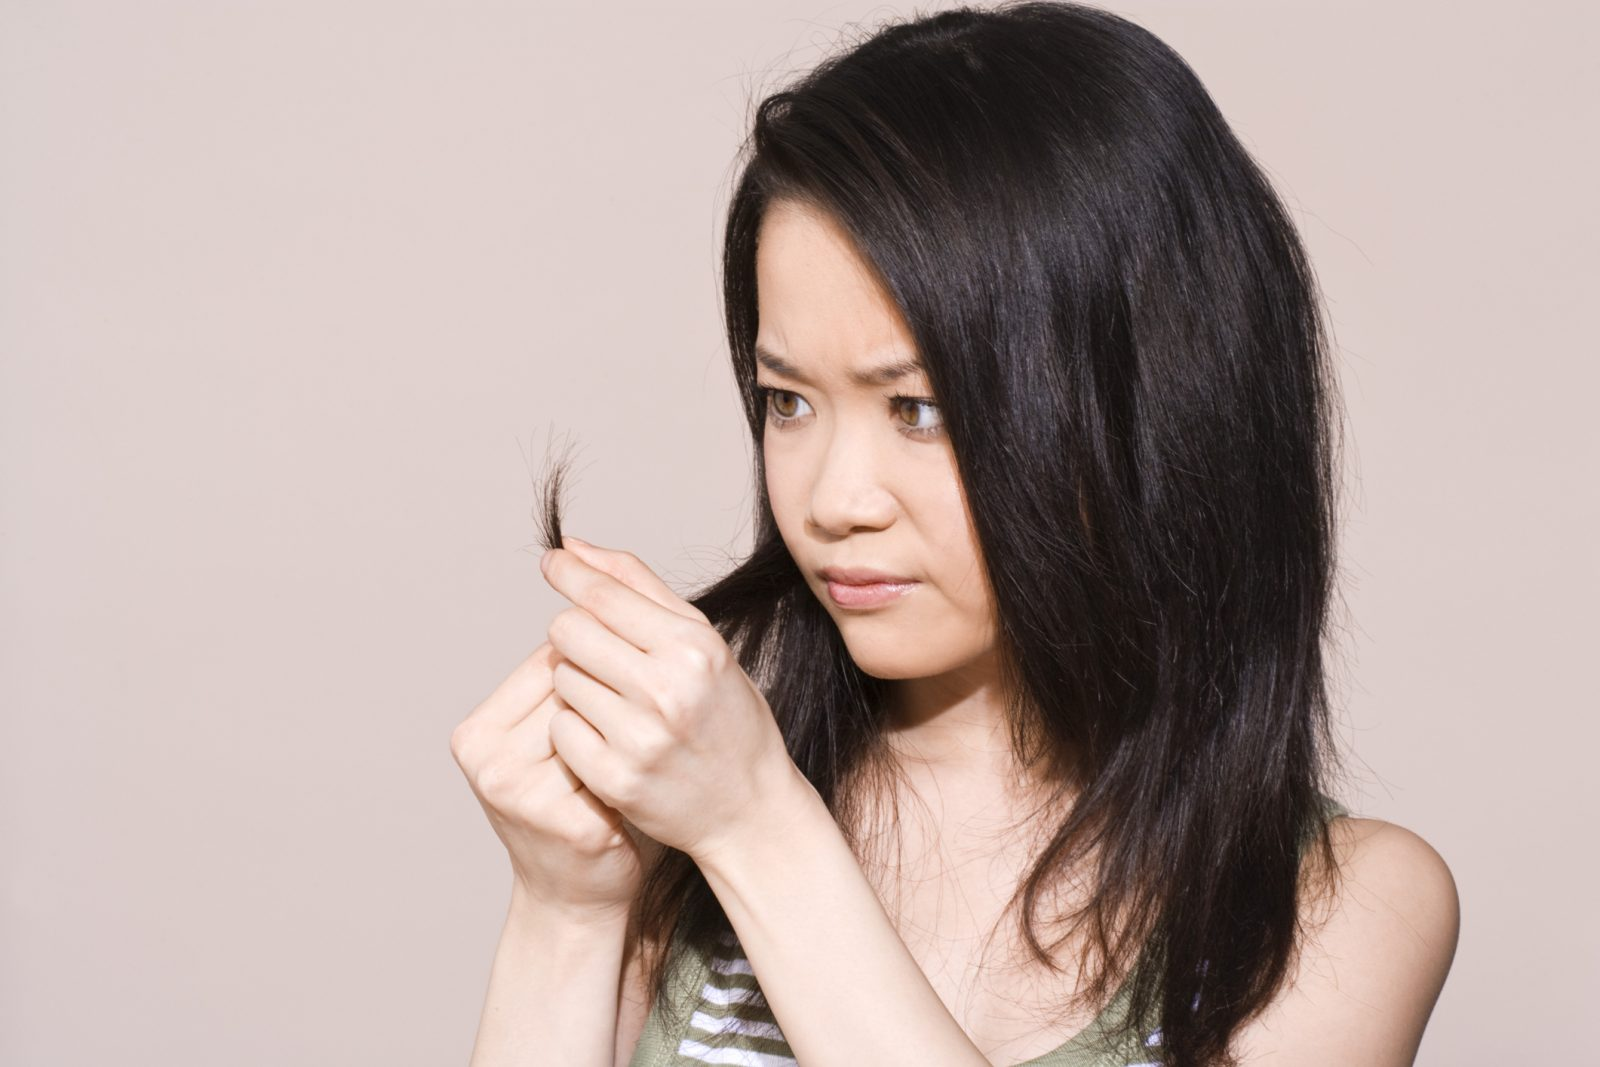 7 Lưu ý khi tự nhuộm tóc và cách nhuộm tóc tại nhà mà bạn nên biết